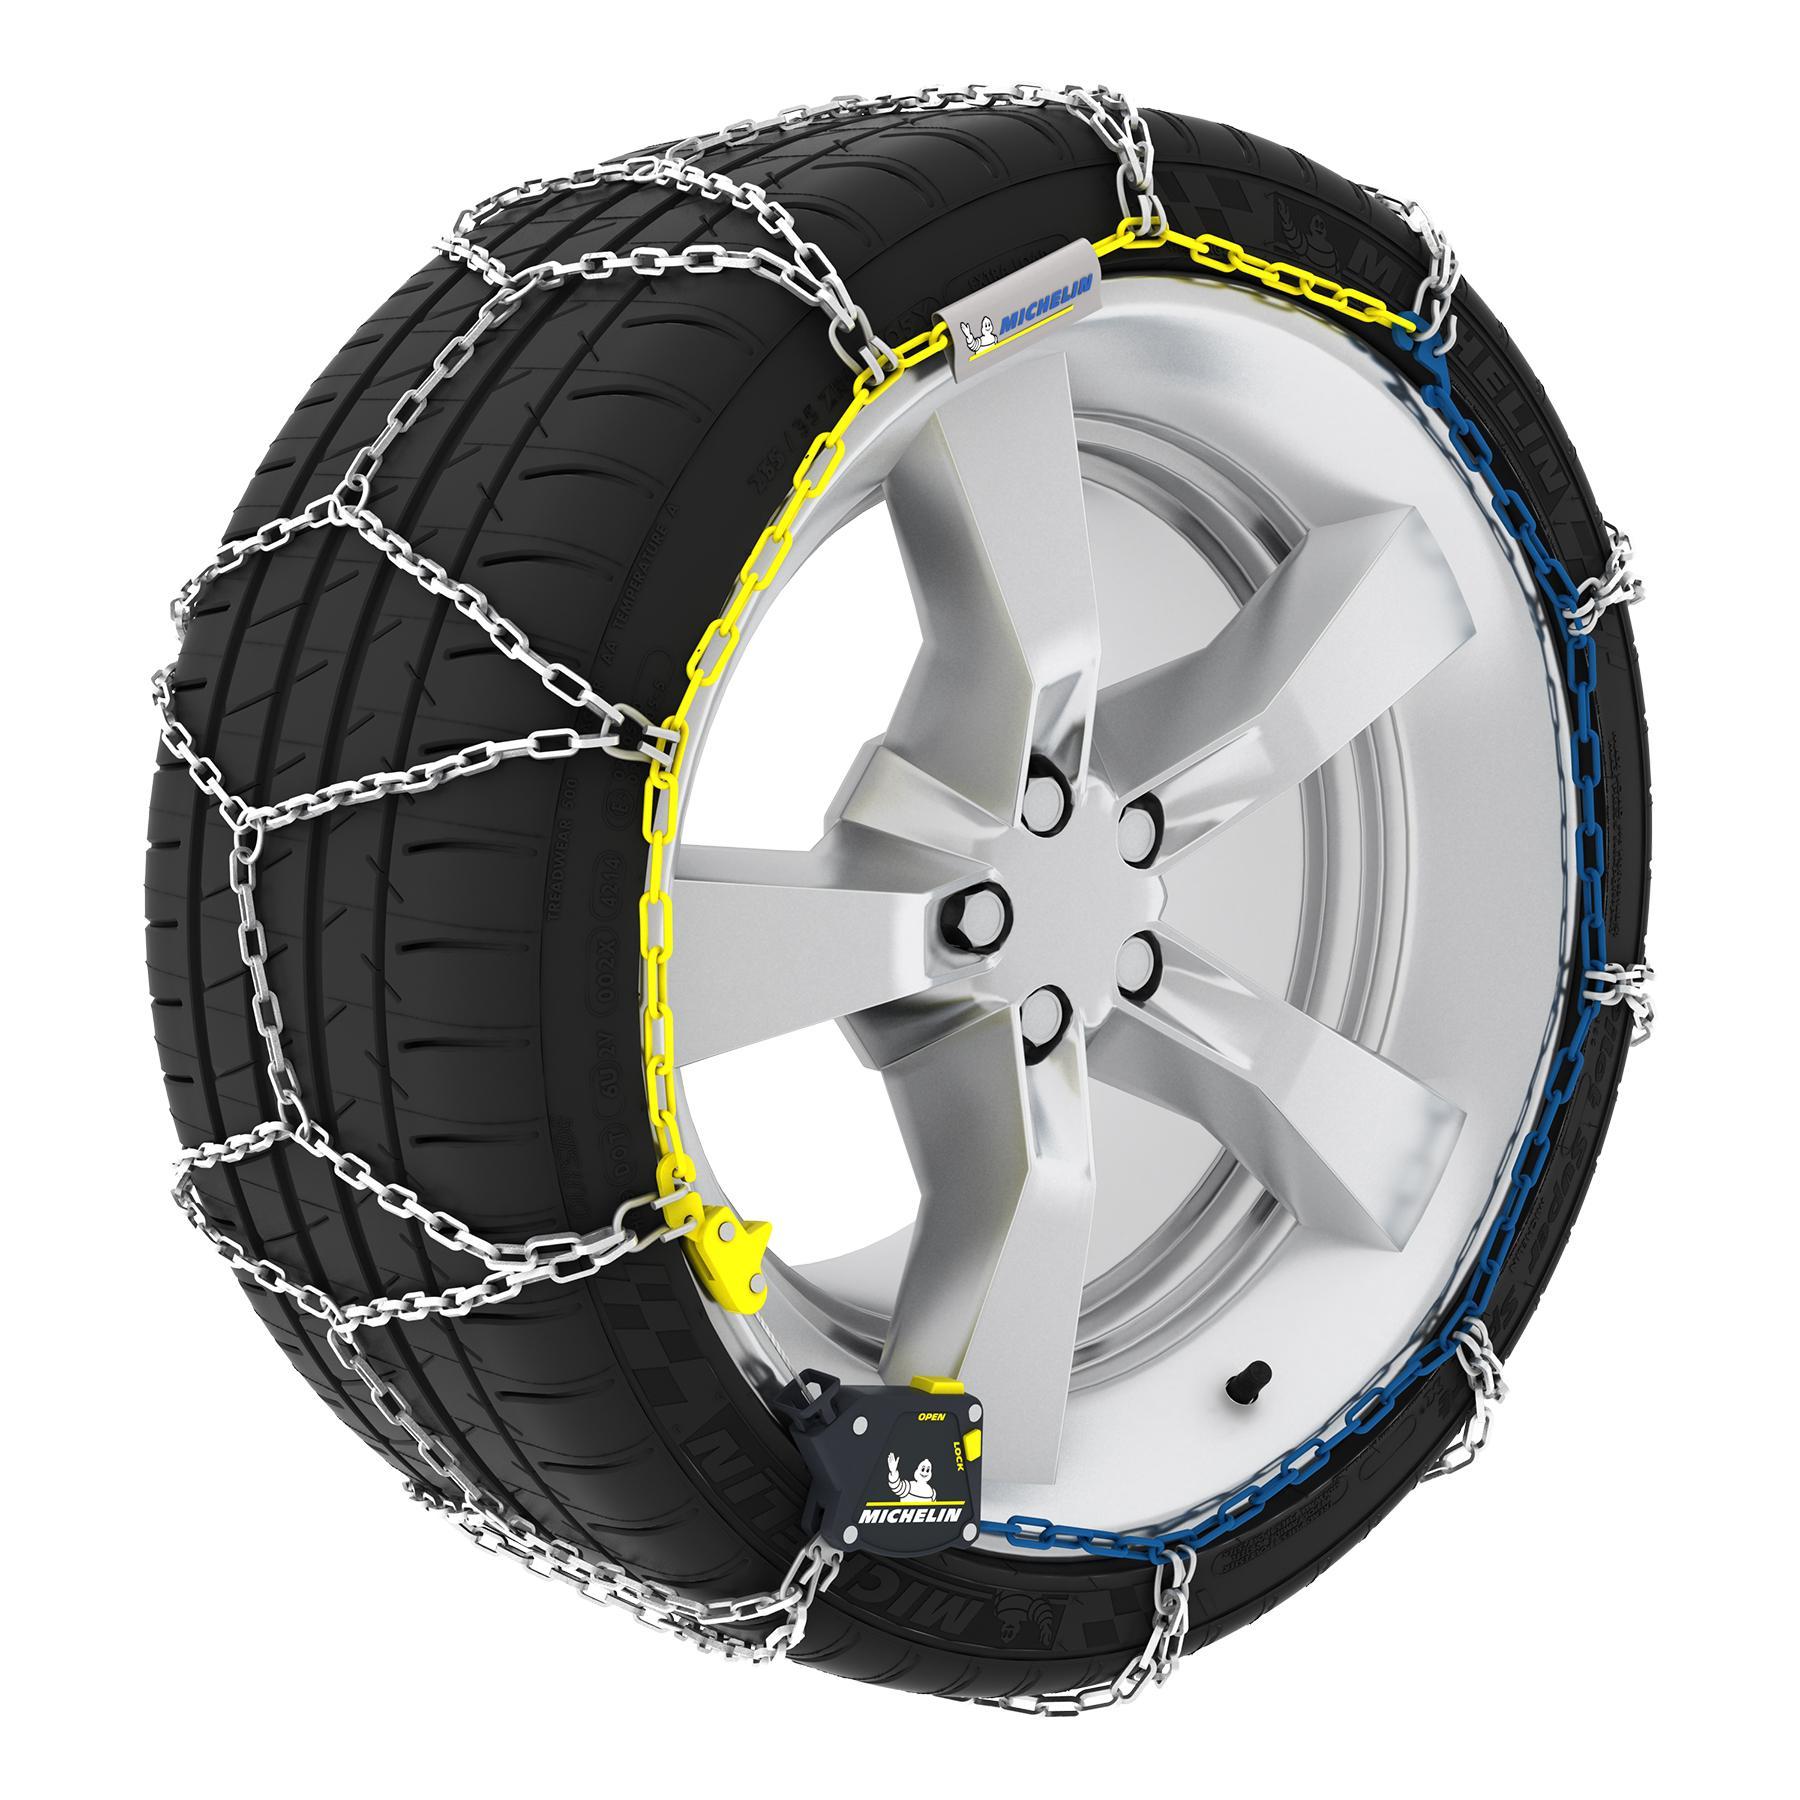 Catene da neve 008451 Michelin 008451 di qualità originale